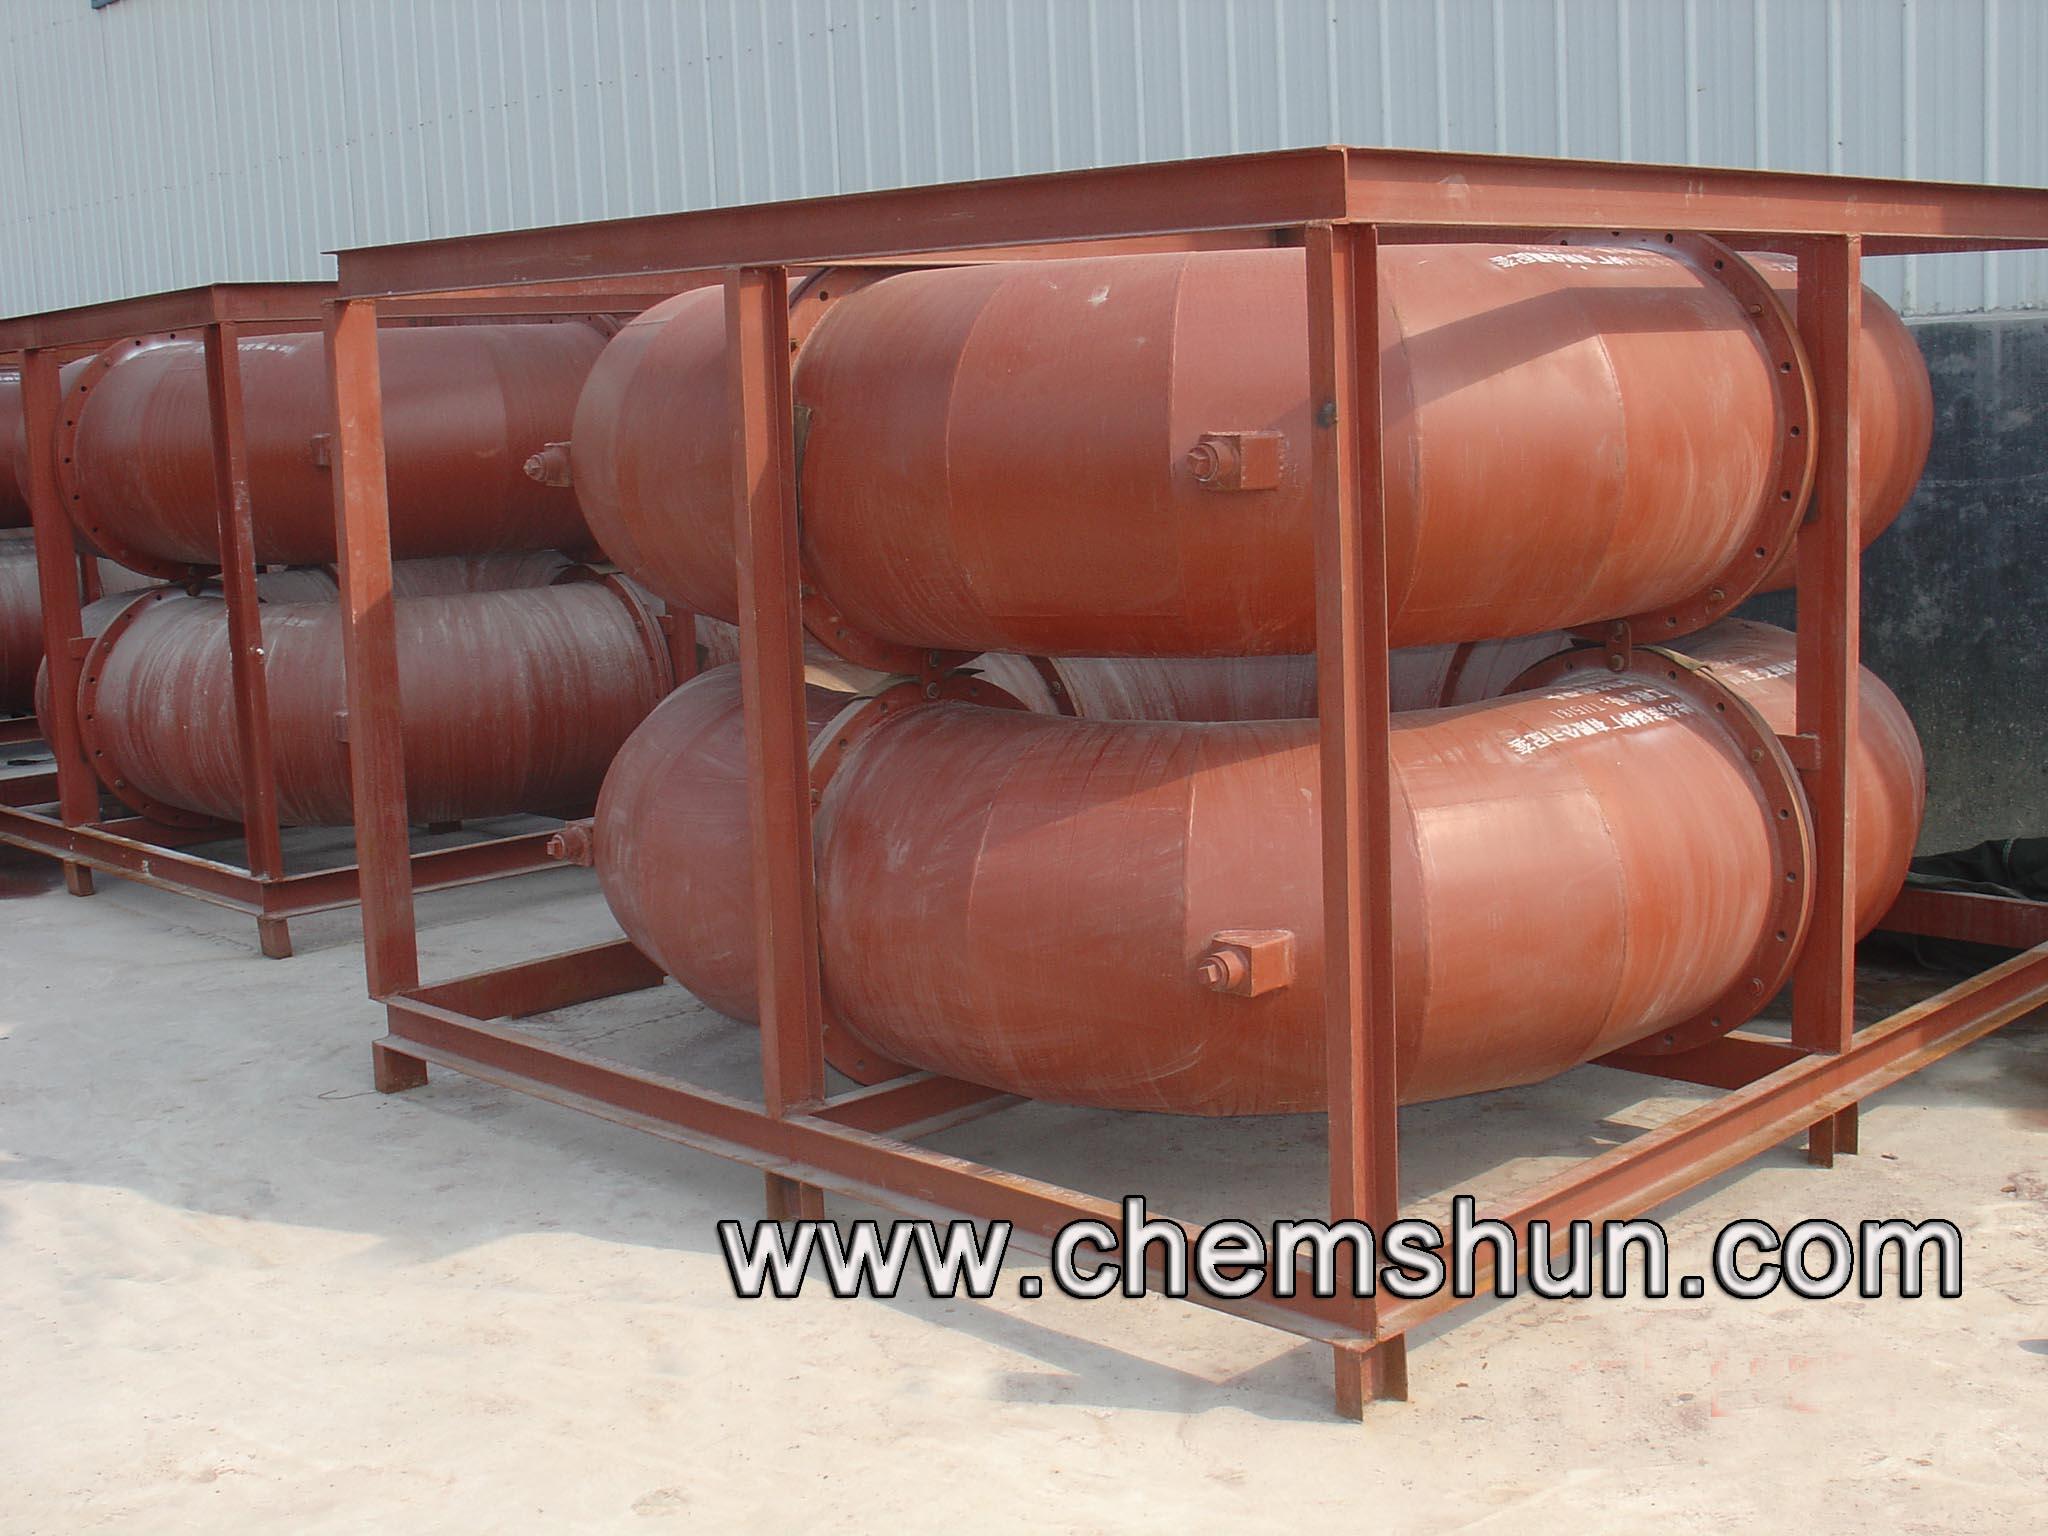 Tubería de alumina resistente a la abrasión de Chemshun